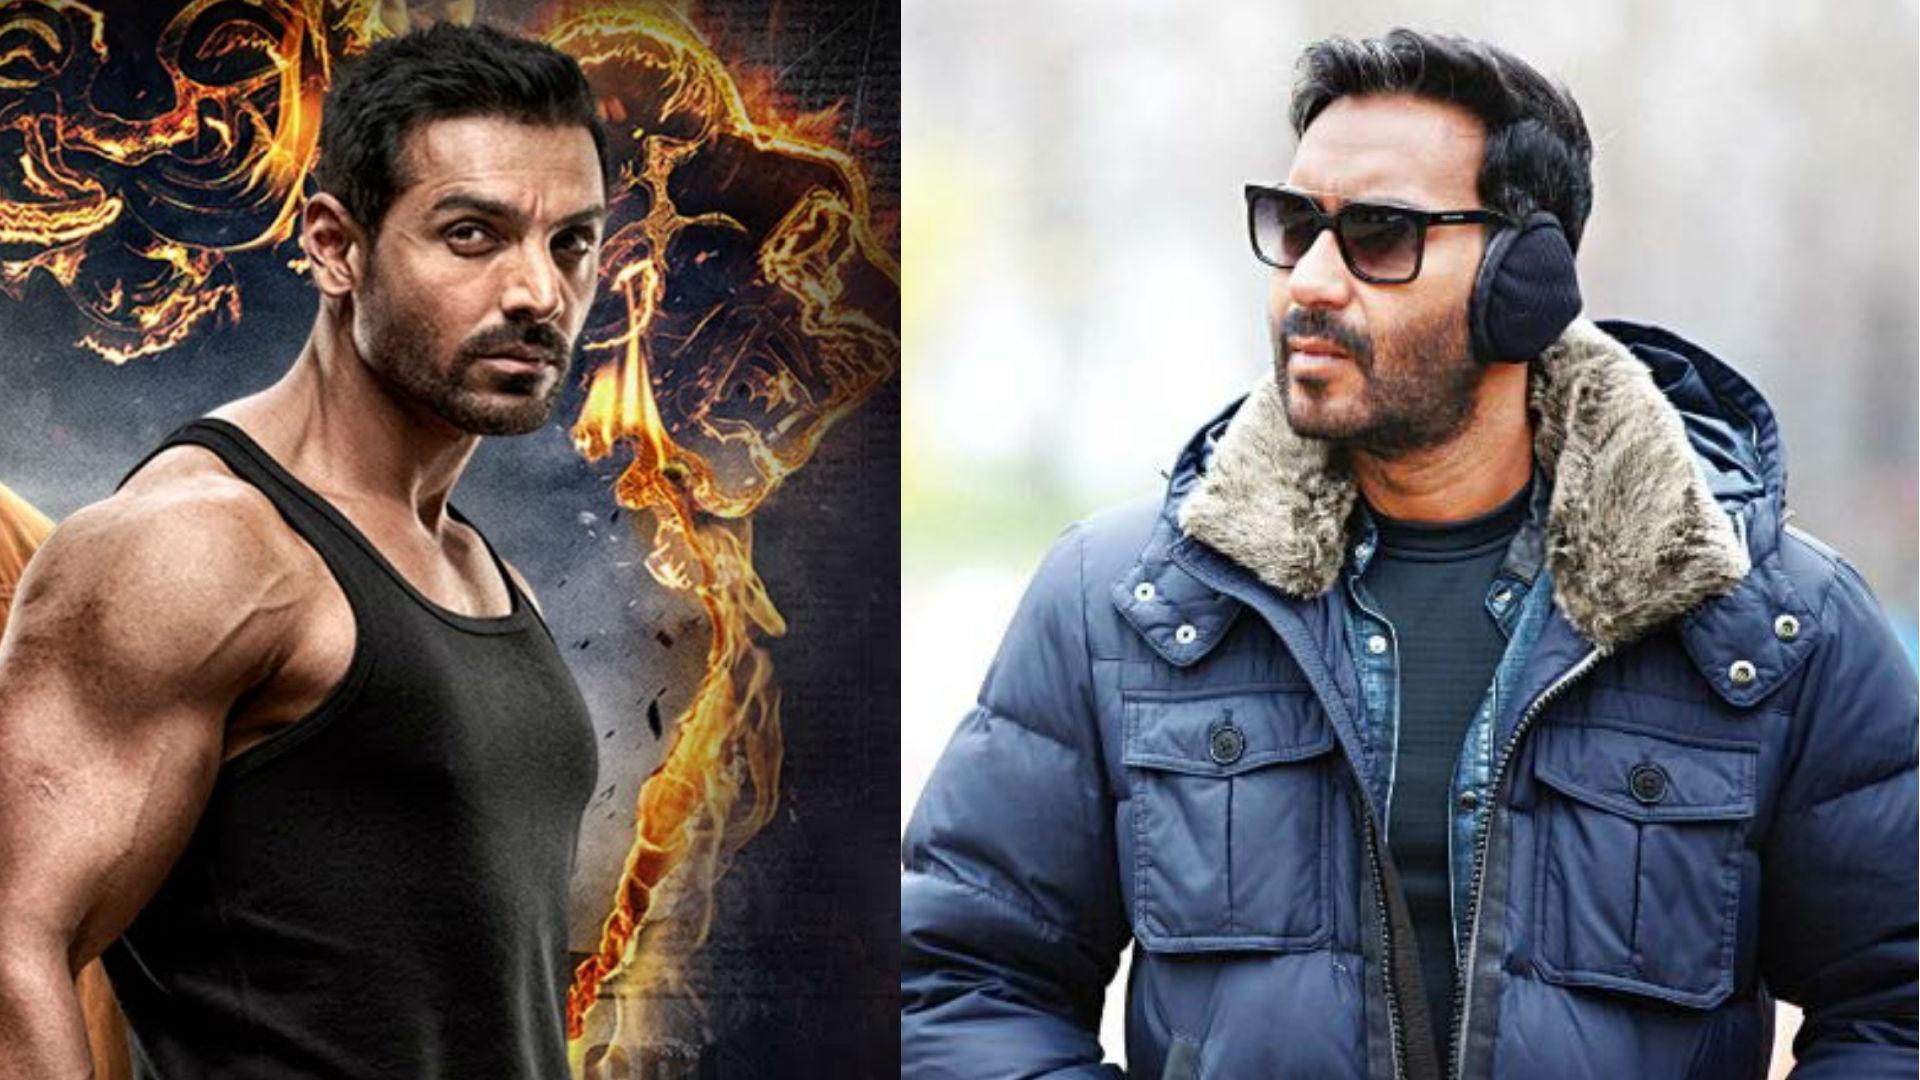 अगले साल स्वतंत्रता दिवस पर बादशाहत के लिए भिड़ेंगे जॉन अब्राहम-अजय देवगन, रिलीज होंगी ये 2 फिल्में!